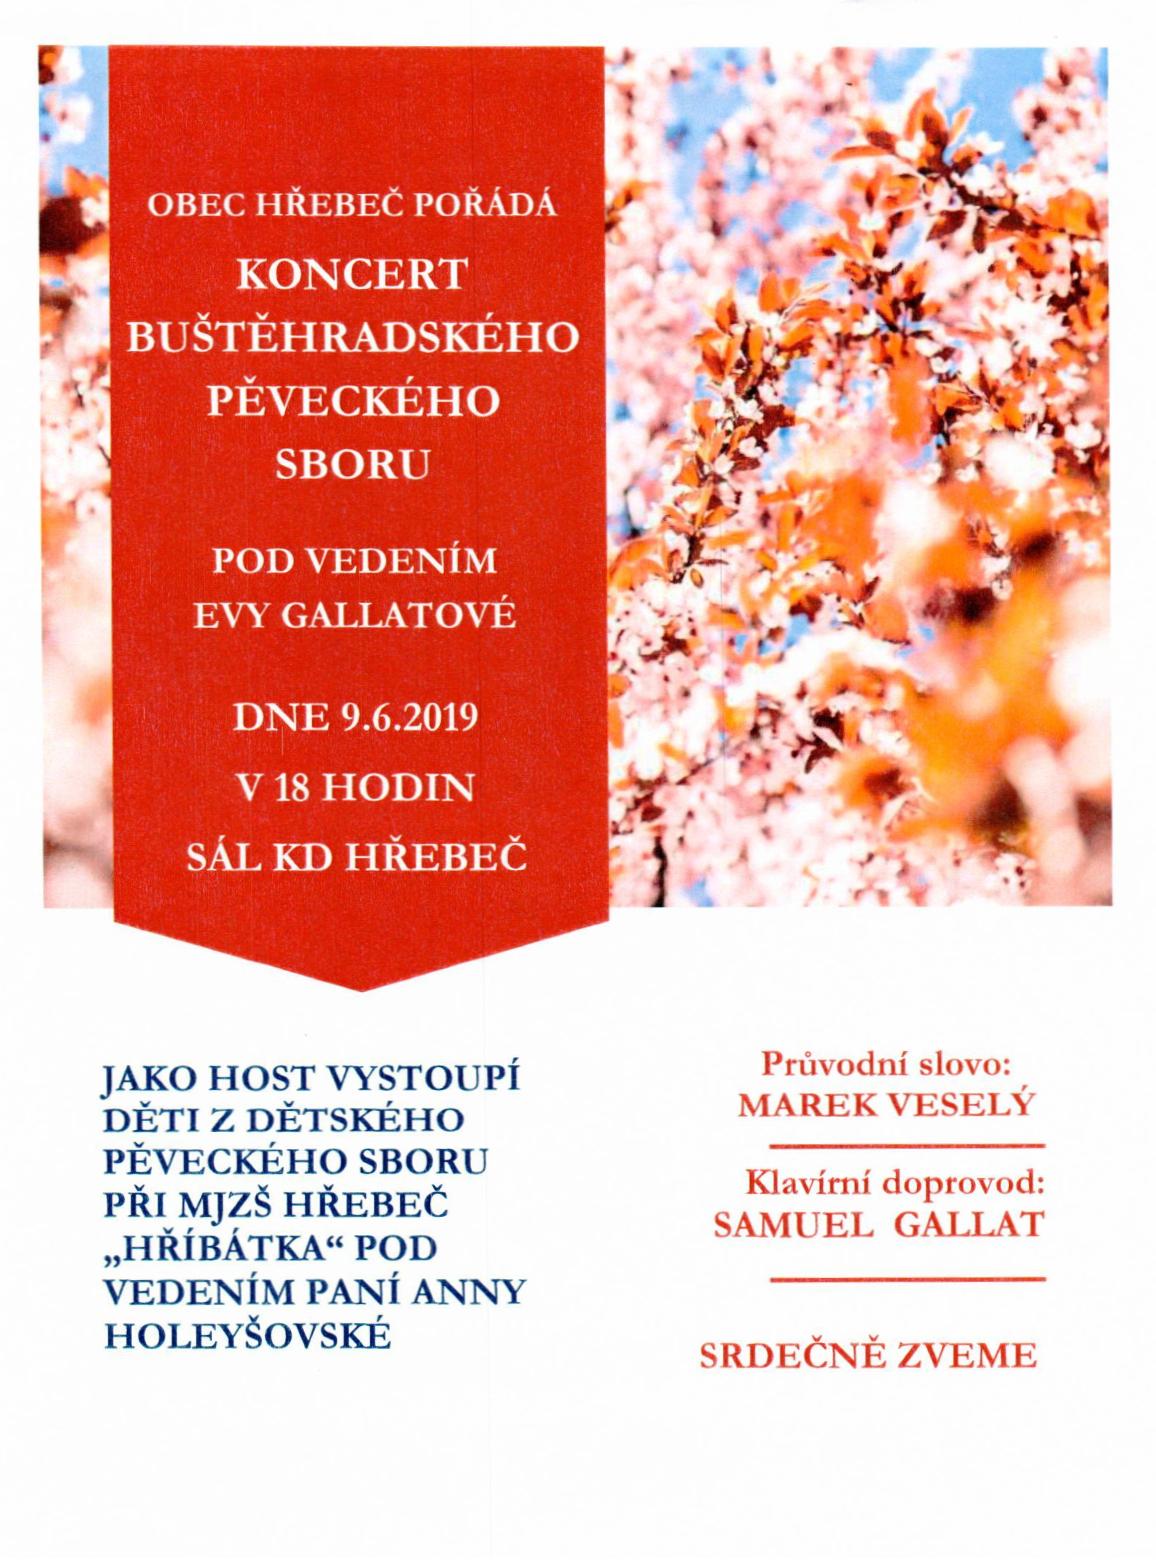 20190522 Pozvánka na koncert